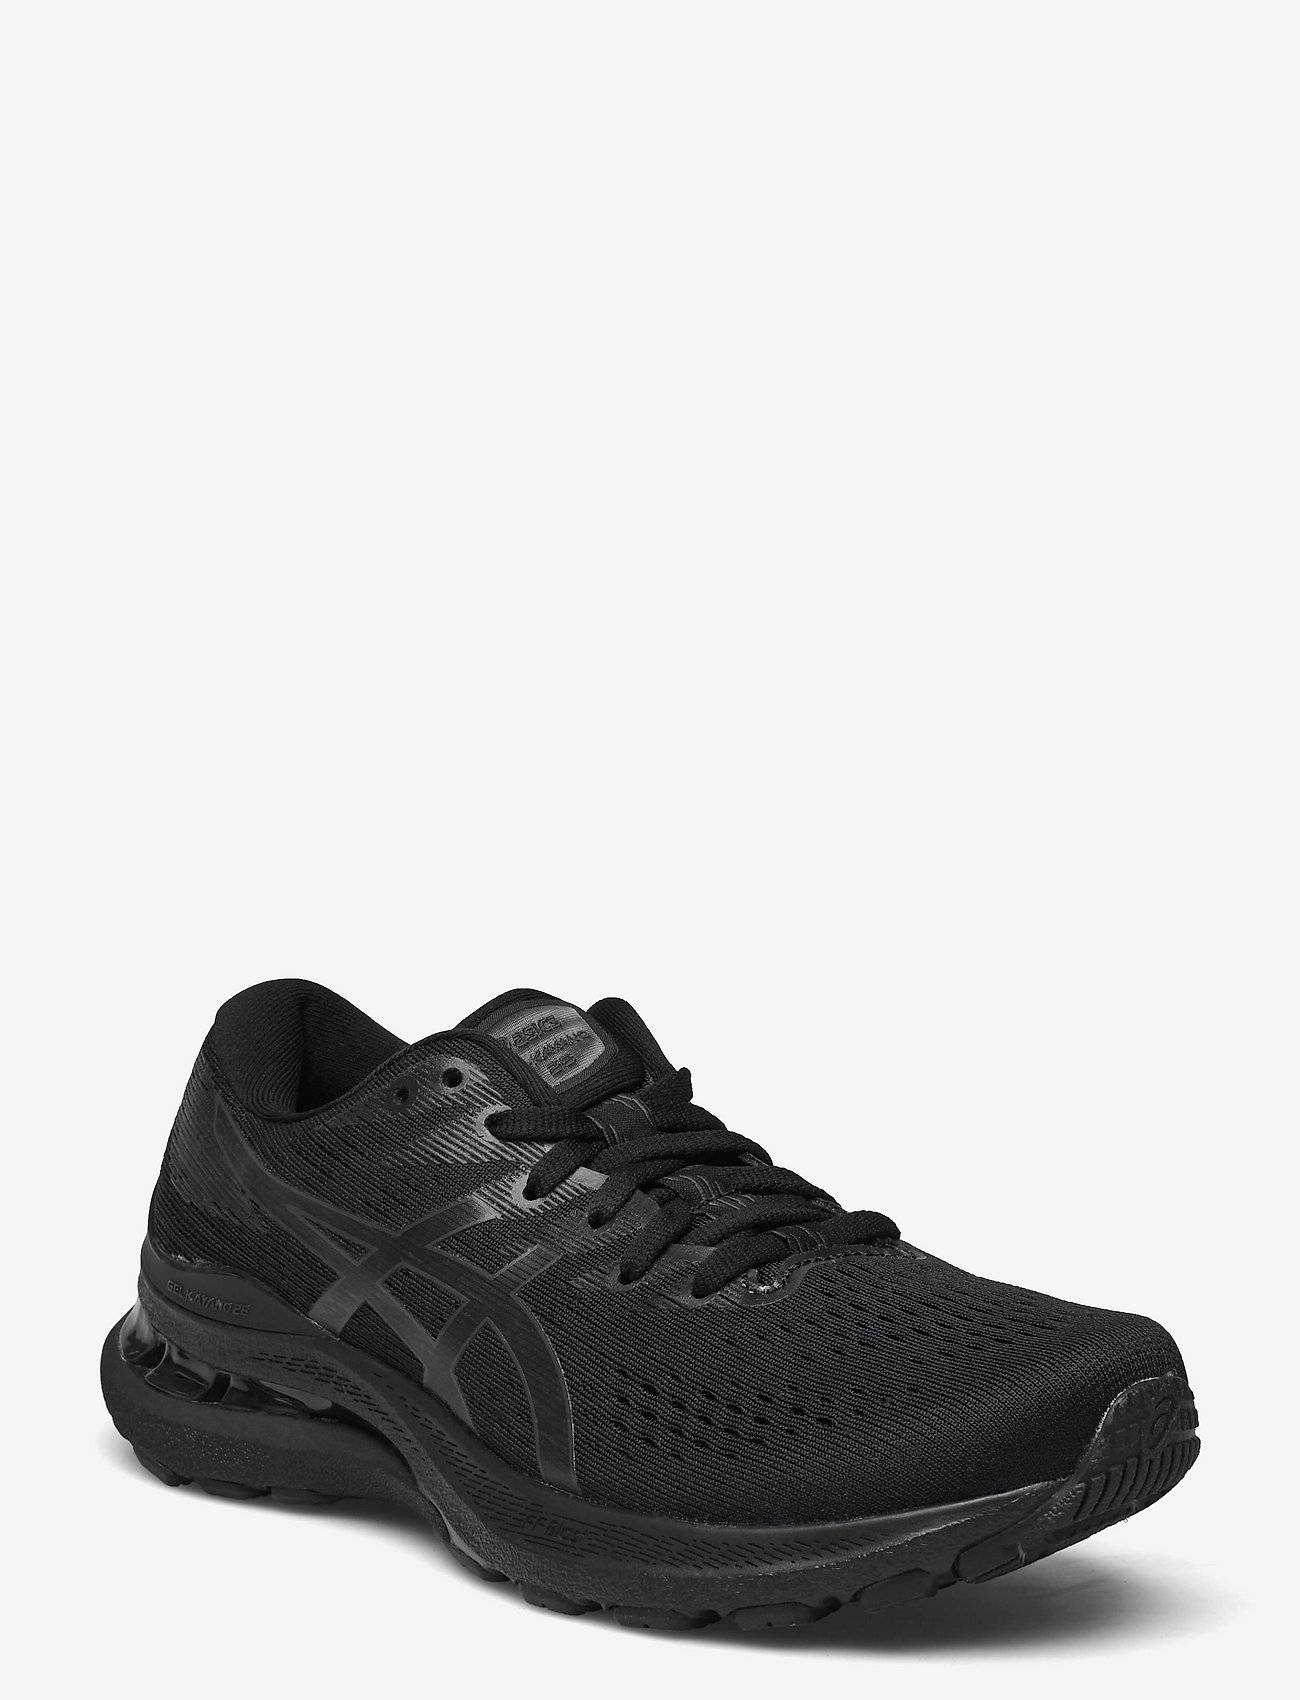 Asics - GEL-KAYANO 28 - running shoes - black/graphite grey - 0